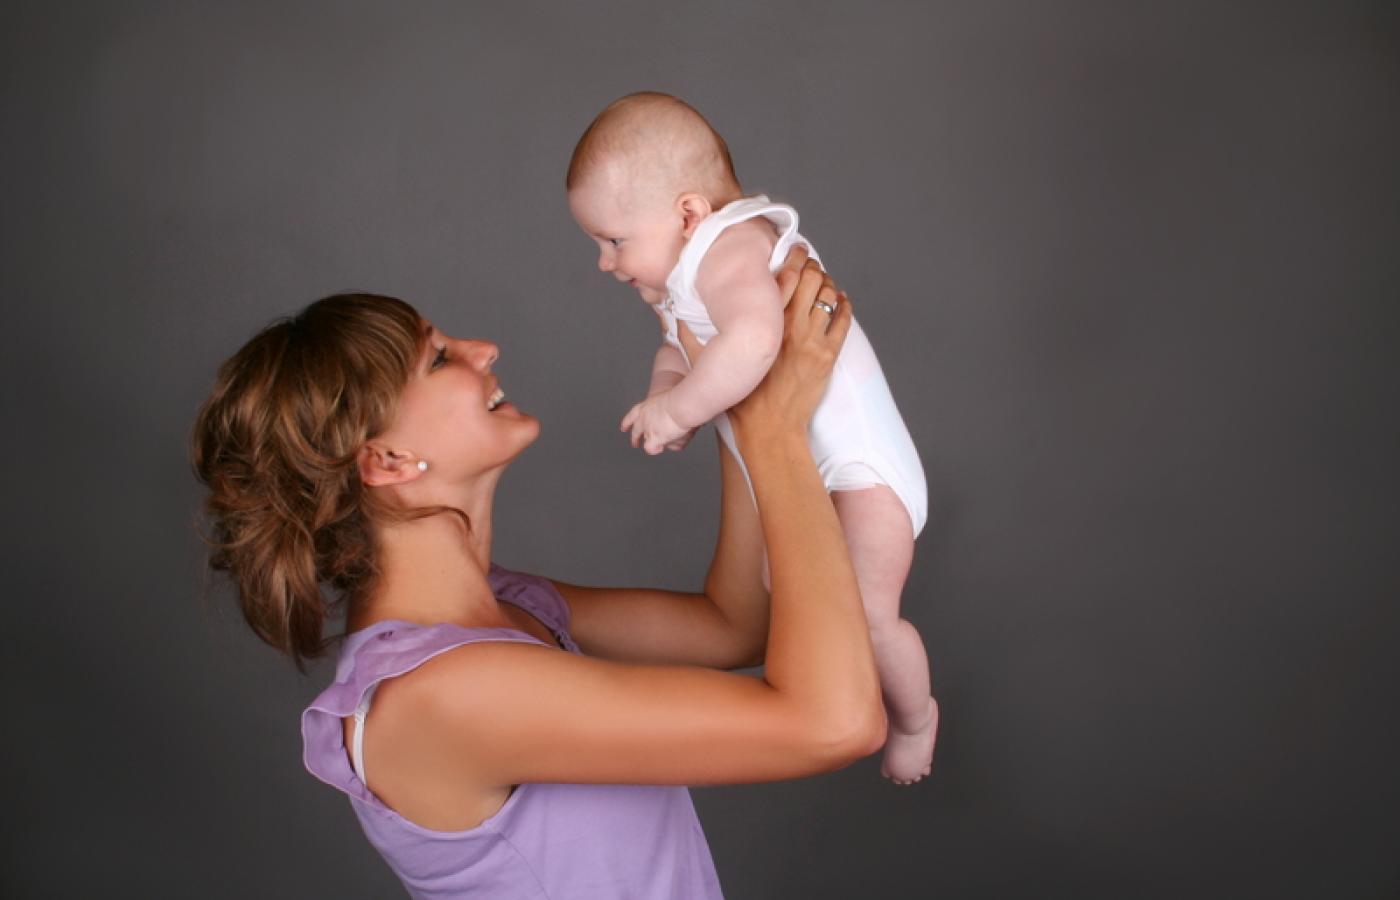 Spotyka się z młodszą dziewczyną z dzieckiem